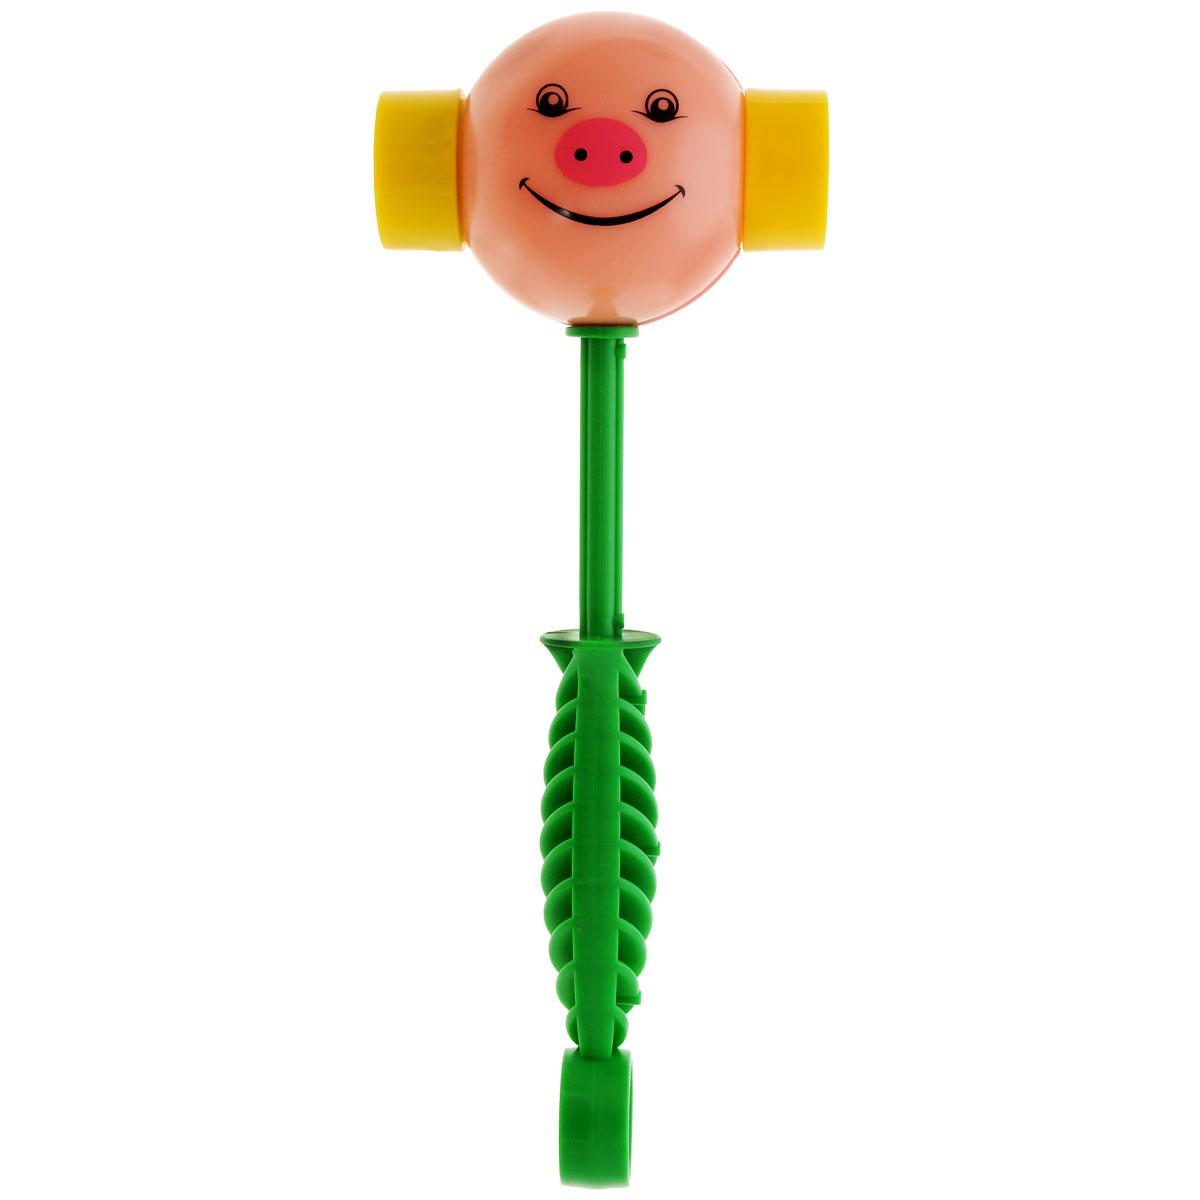 """Развивающая игрушка Stellar """"Веселый молоточек"""", цвет: розовый, зеленый, Стеллар"""